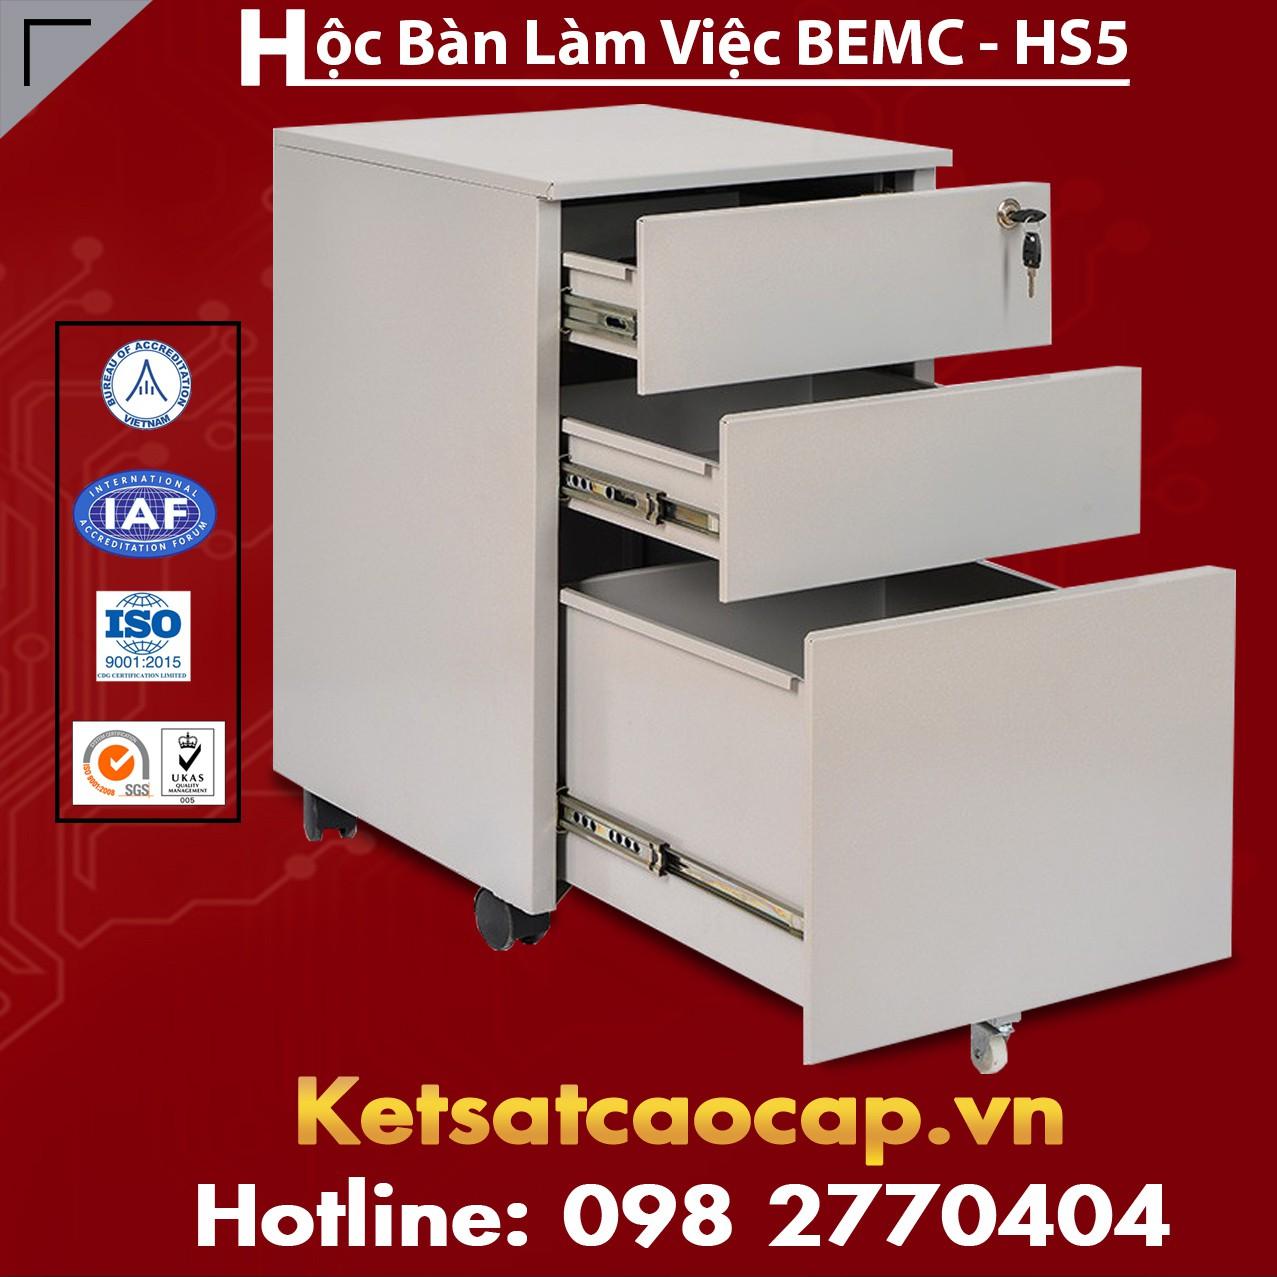 Hộc Bàn Làm Việc BEMC - HS5